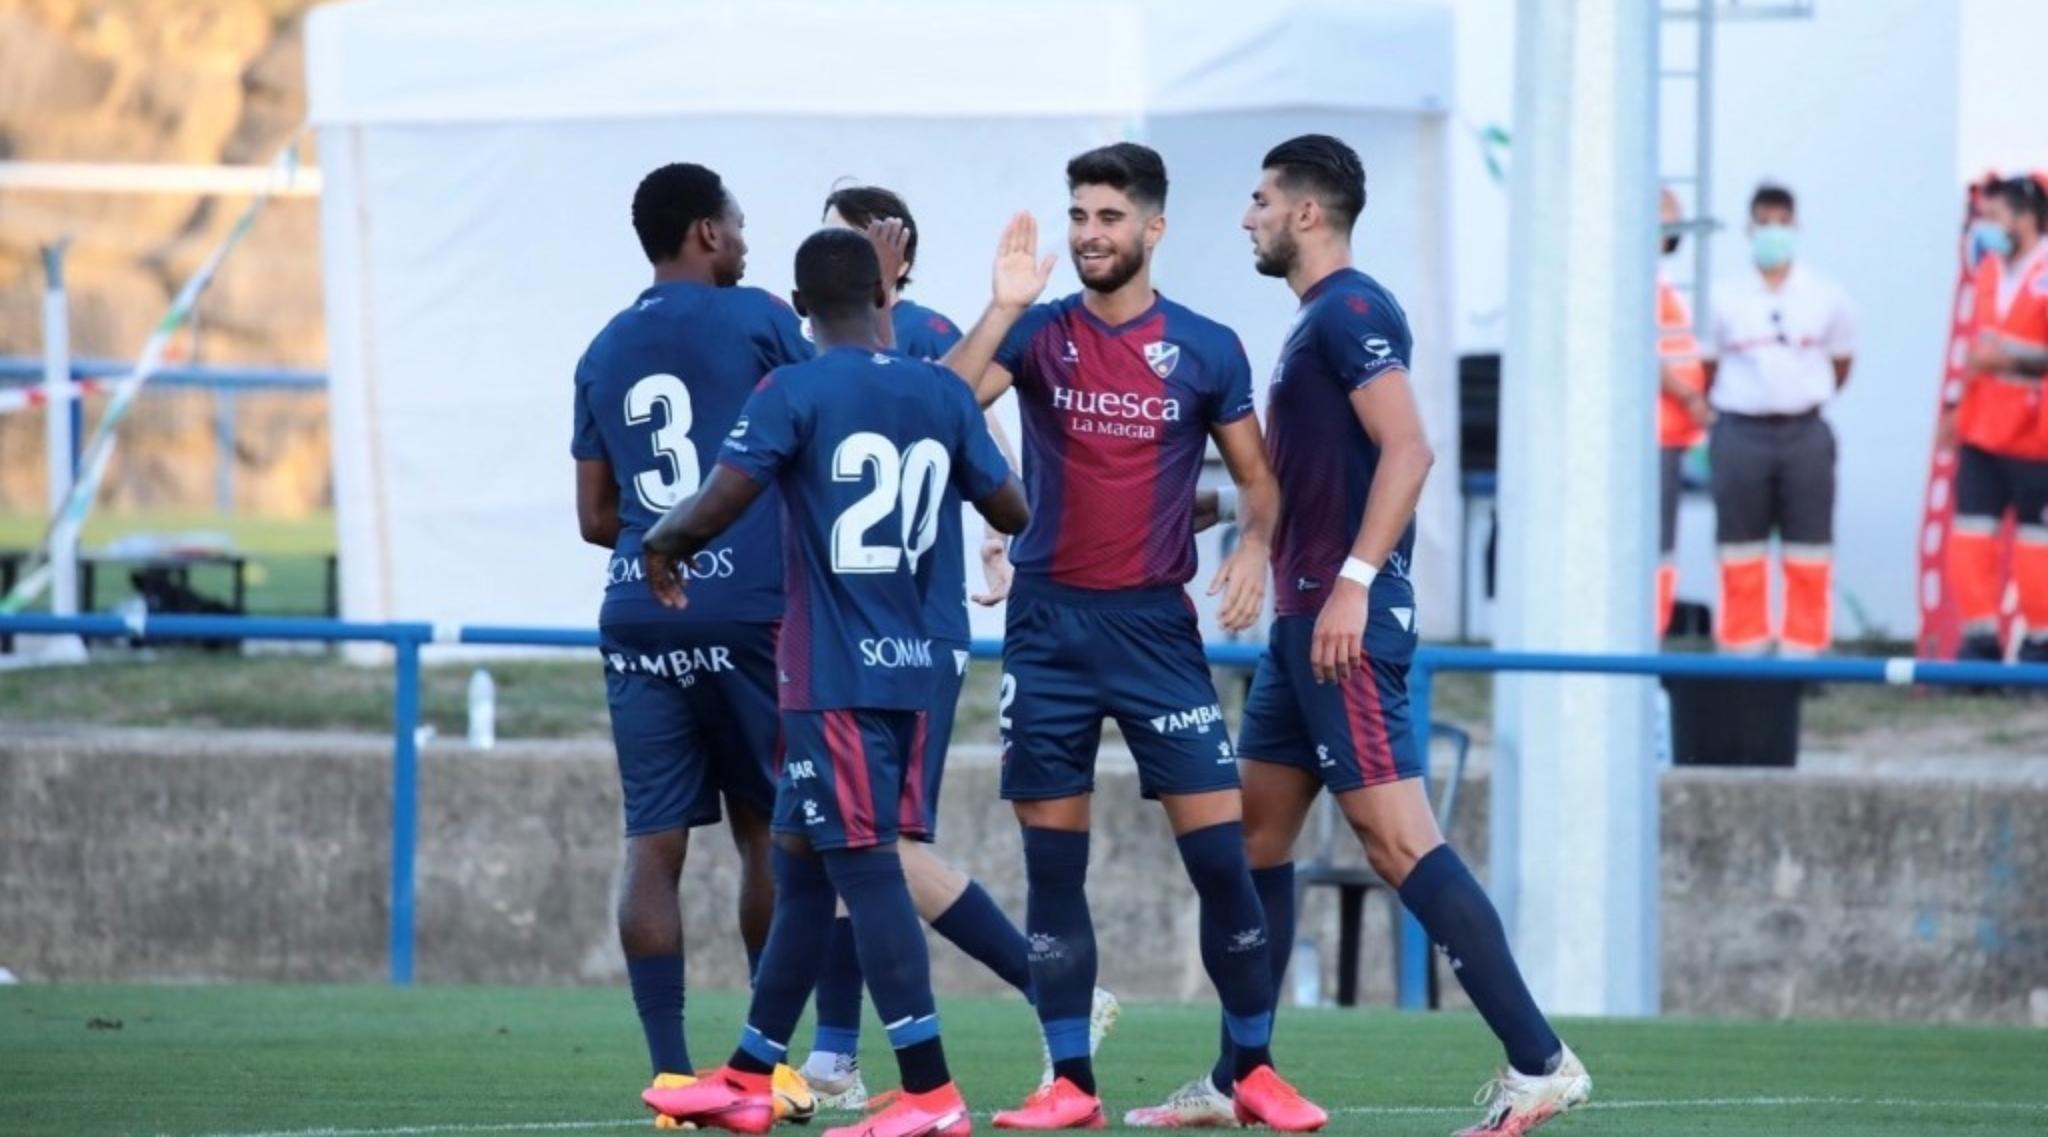 Los jugadores del Huesca celebran uno de los goles ante el Alavés